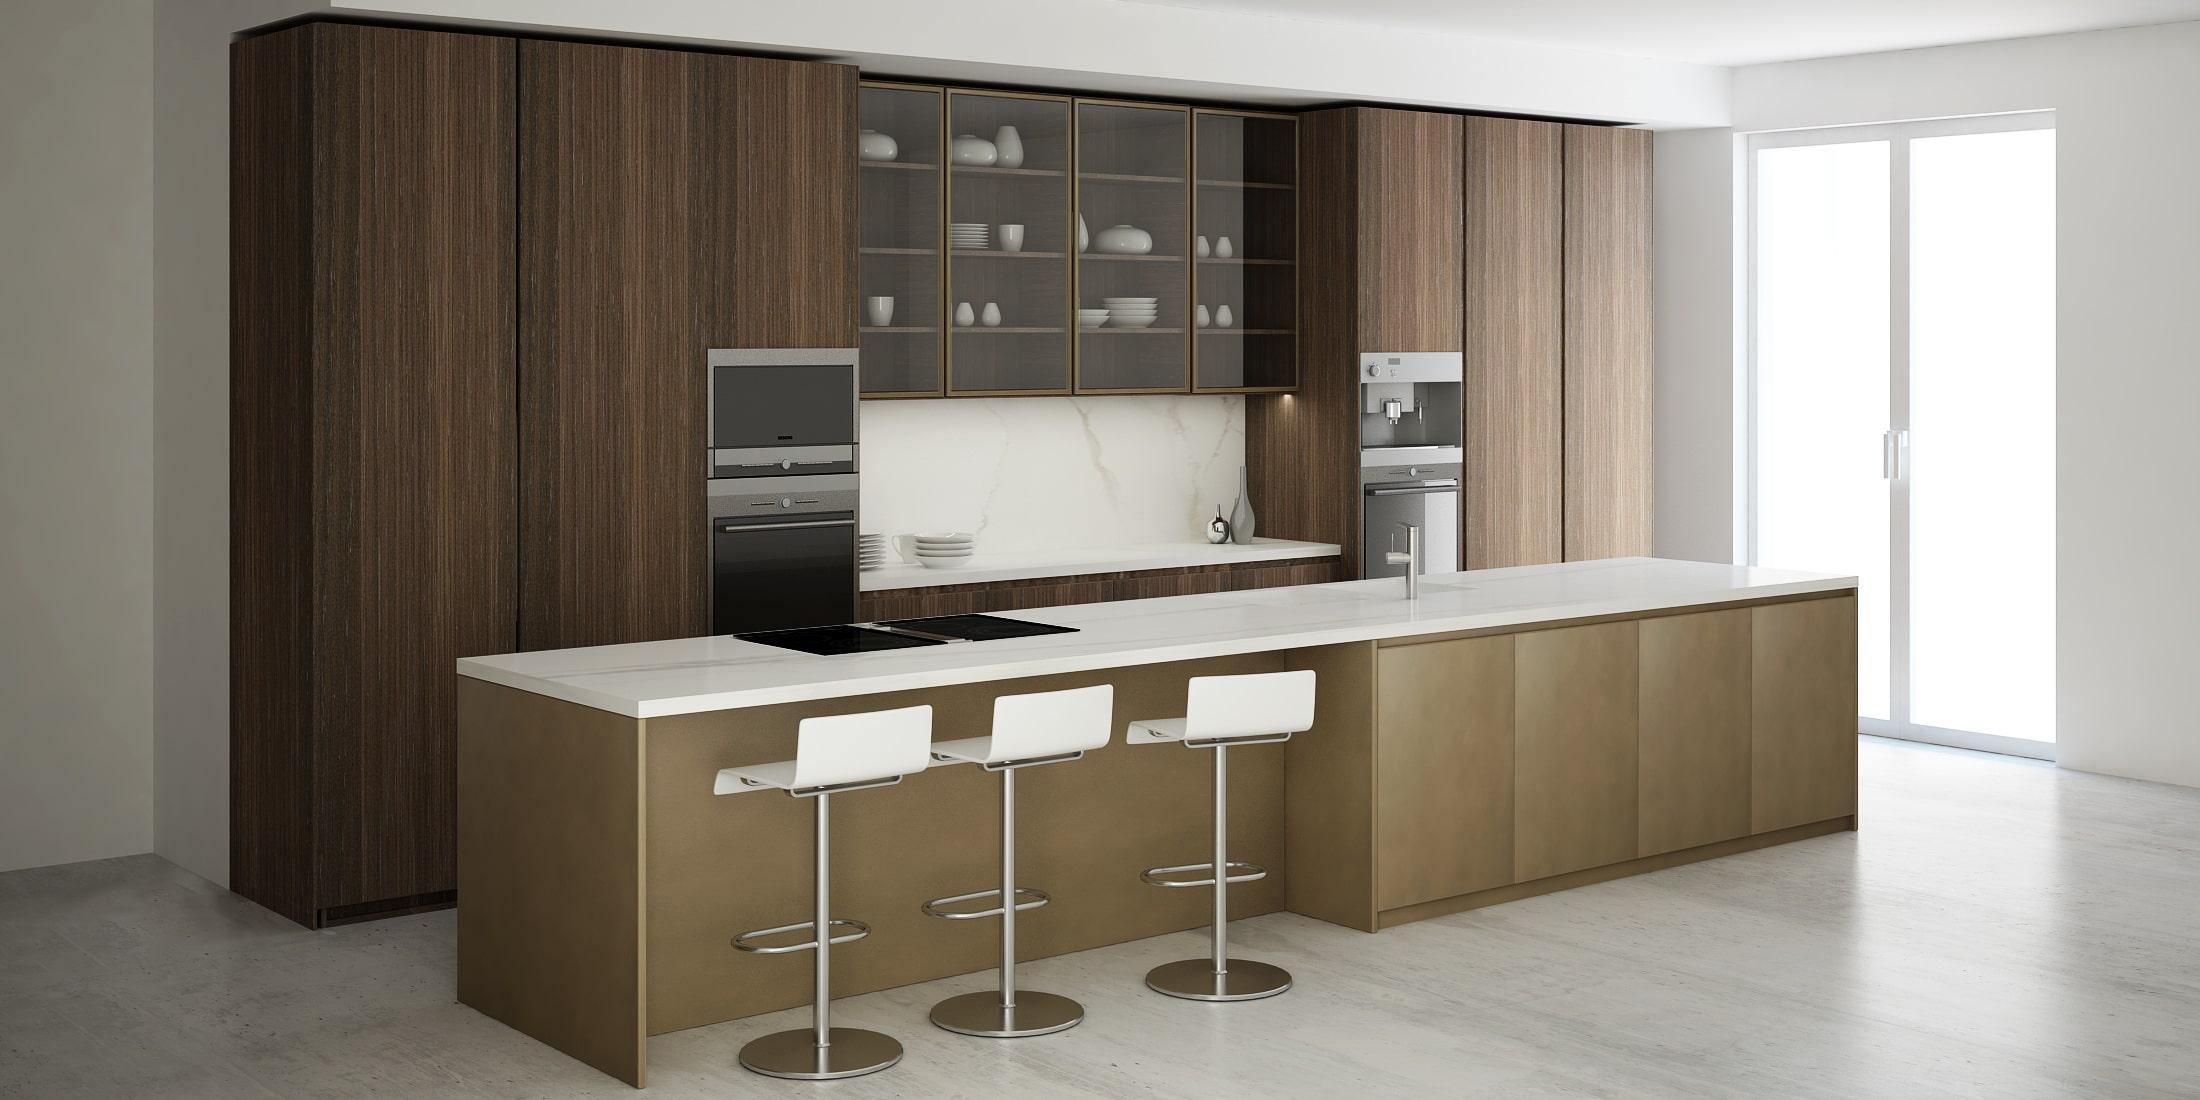 Progetti cucine moderne simple oltre fantastiche idee su for Telese arredo